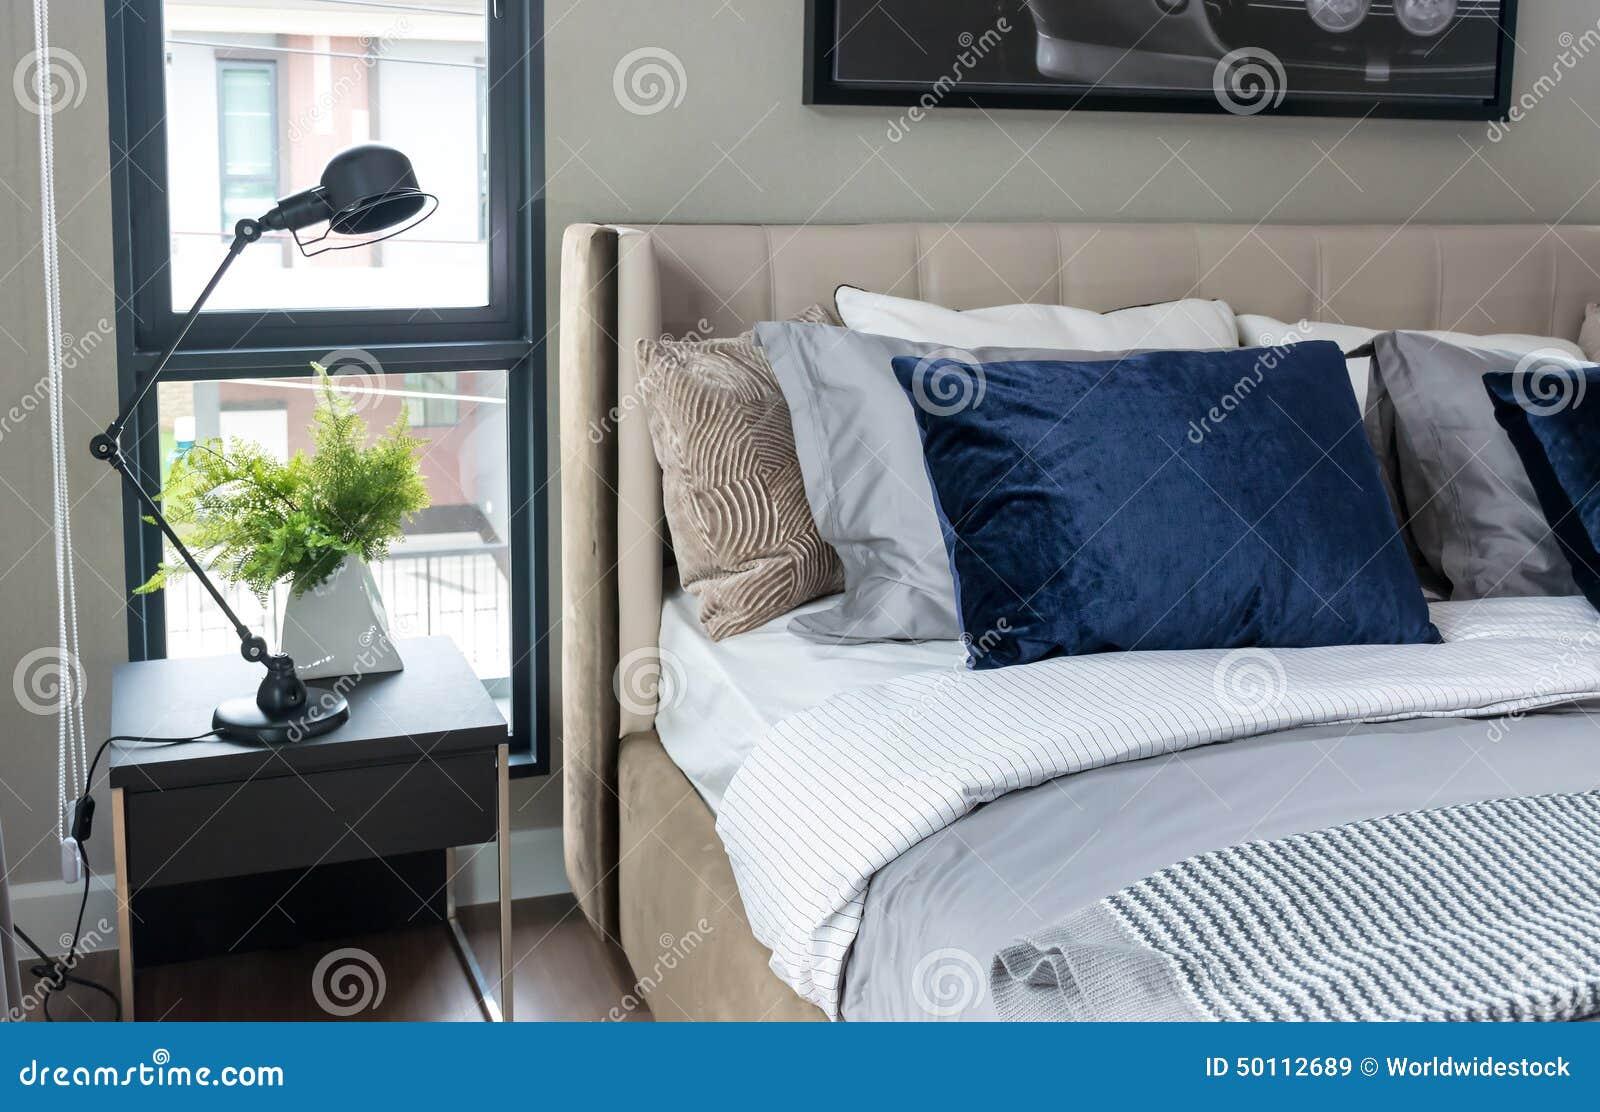 Blauwe Slaapkamer Lamp : Moderne slaapkamer met blauwe hoofdkussens en zwarte lamp op lijst